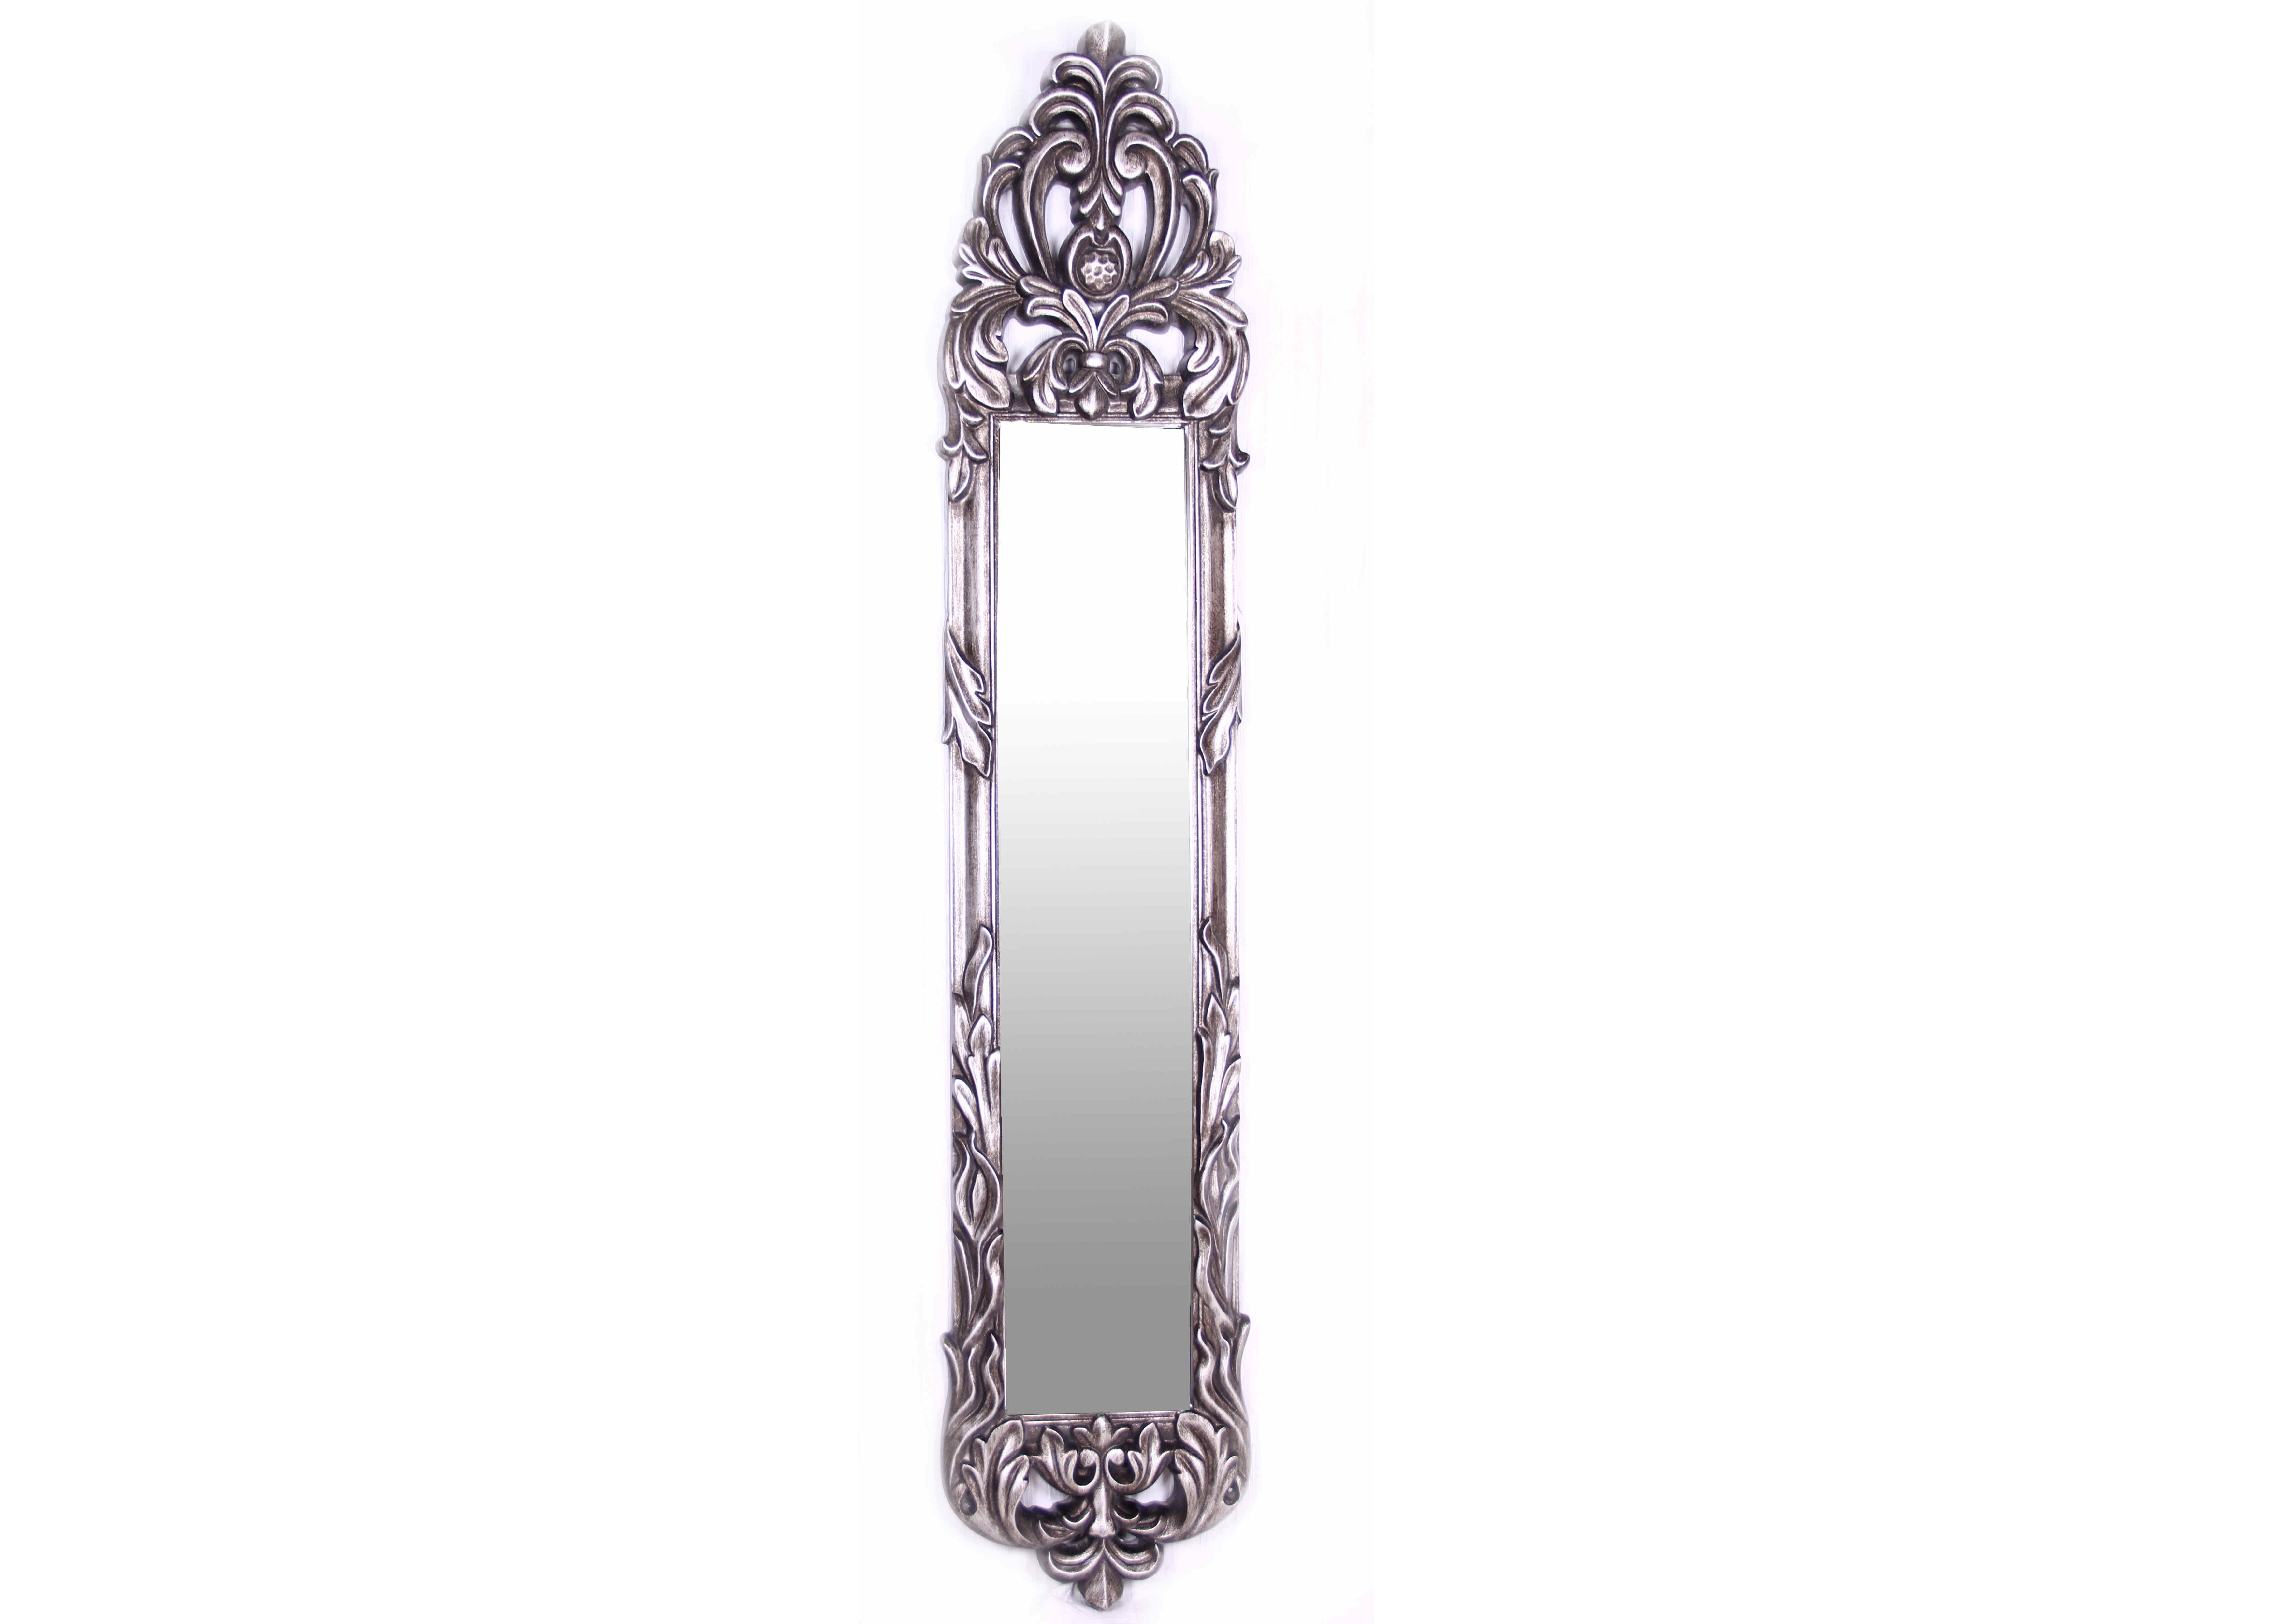 ЗеркалоНастенные зеркала<br><br><br>Material: Полистоун<br>Width см: 38,5<br>Depth см: 6<br>Height см: 195